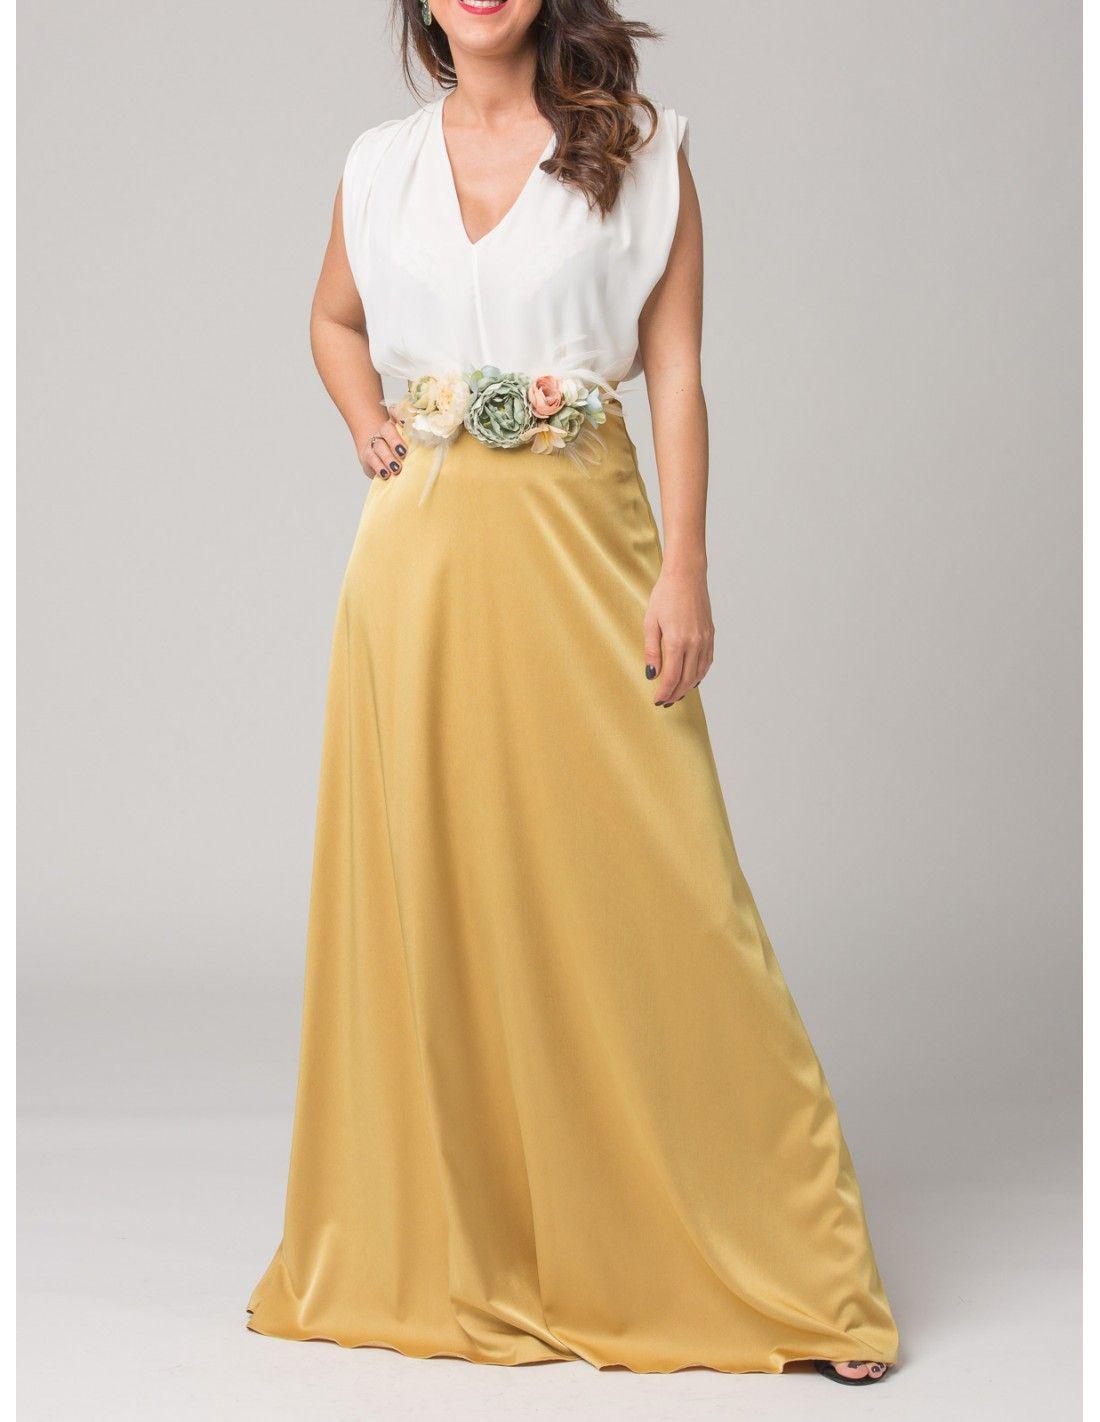 7d1e5c0dfe Falda Balbina - Falda larga de raso en color mostaza. Cierre con cremallera  invisible trasera